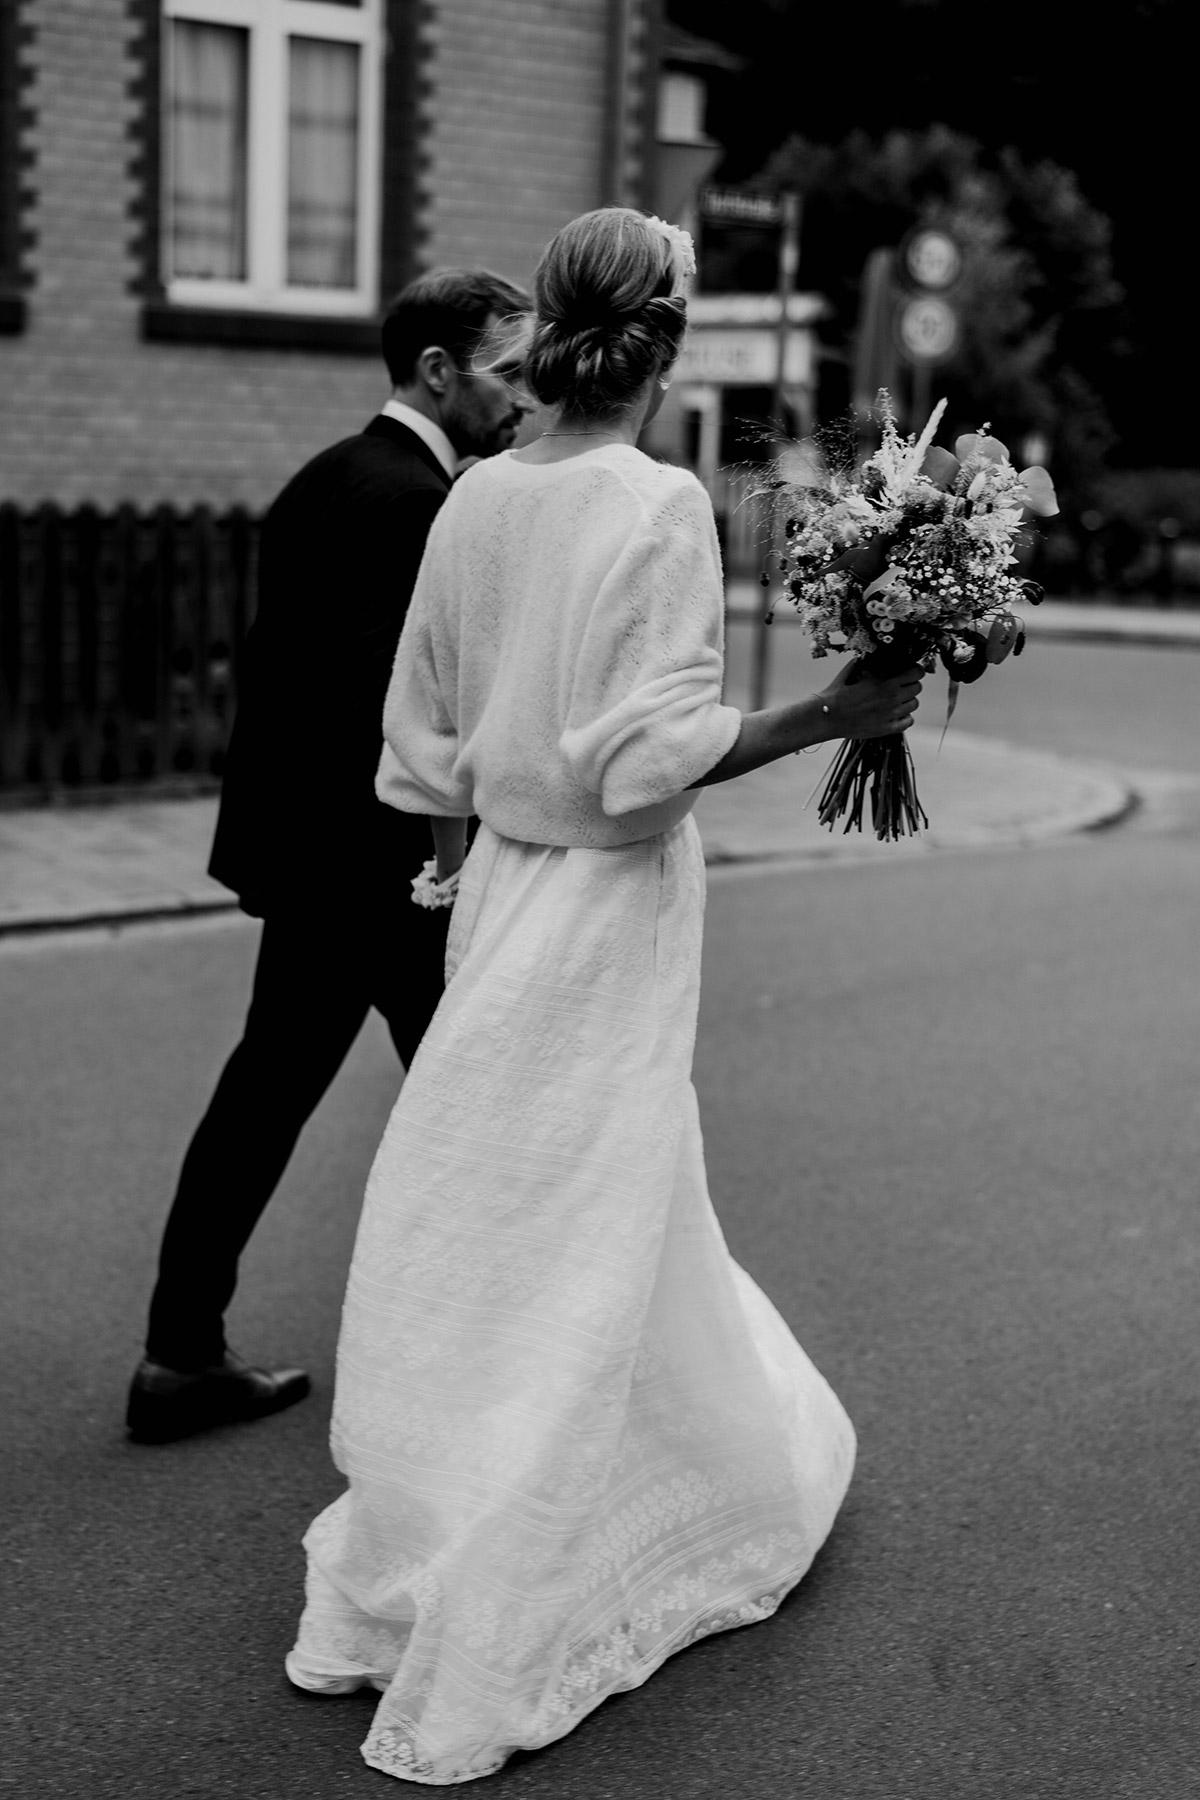 Hochzeitspaar von hinten geht auf Straße: Die Braut trägt einen wärmenden Pullover zum Hochzeitskleid. Nach der Standesamt Hochzeit ging das Brautpaar durch das Dorf zur Hochzeitslocation. Hochzeitsmoment von Spreewald Hochzeitsfotograf aus Berlin © www.hochzeitslicht.de #hochzeitslicht